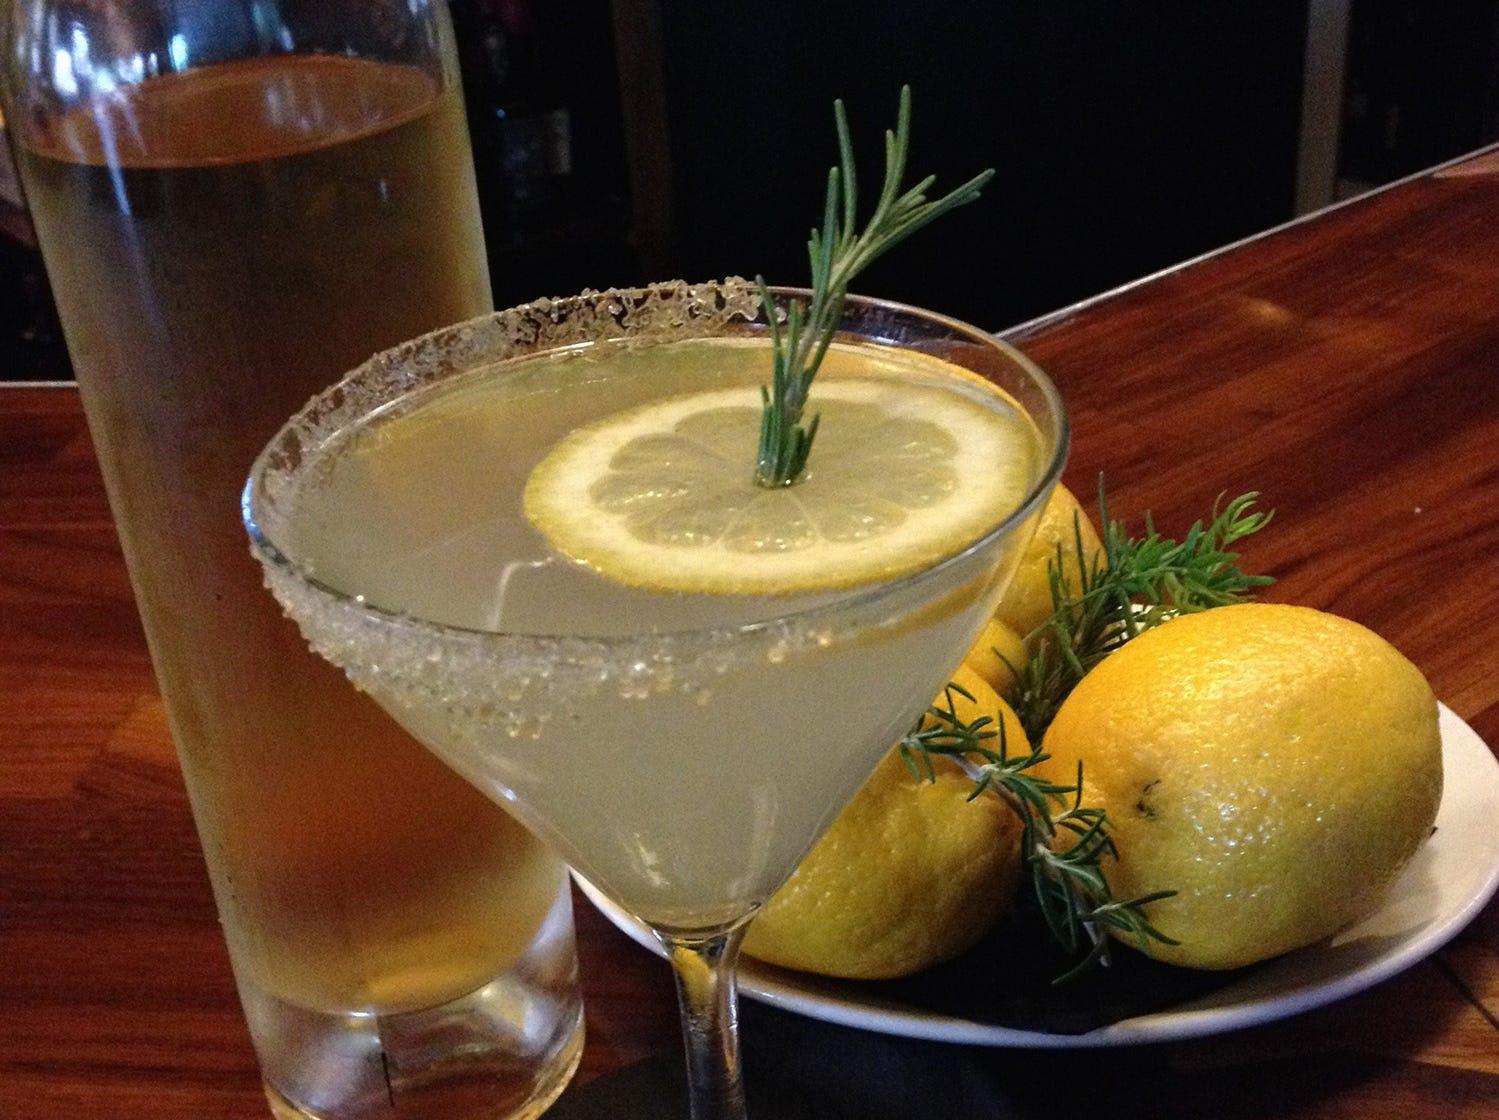 Marcellino: The Taxini martini at Marcellino Ristorante.